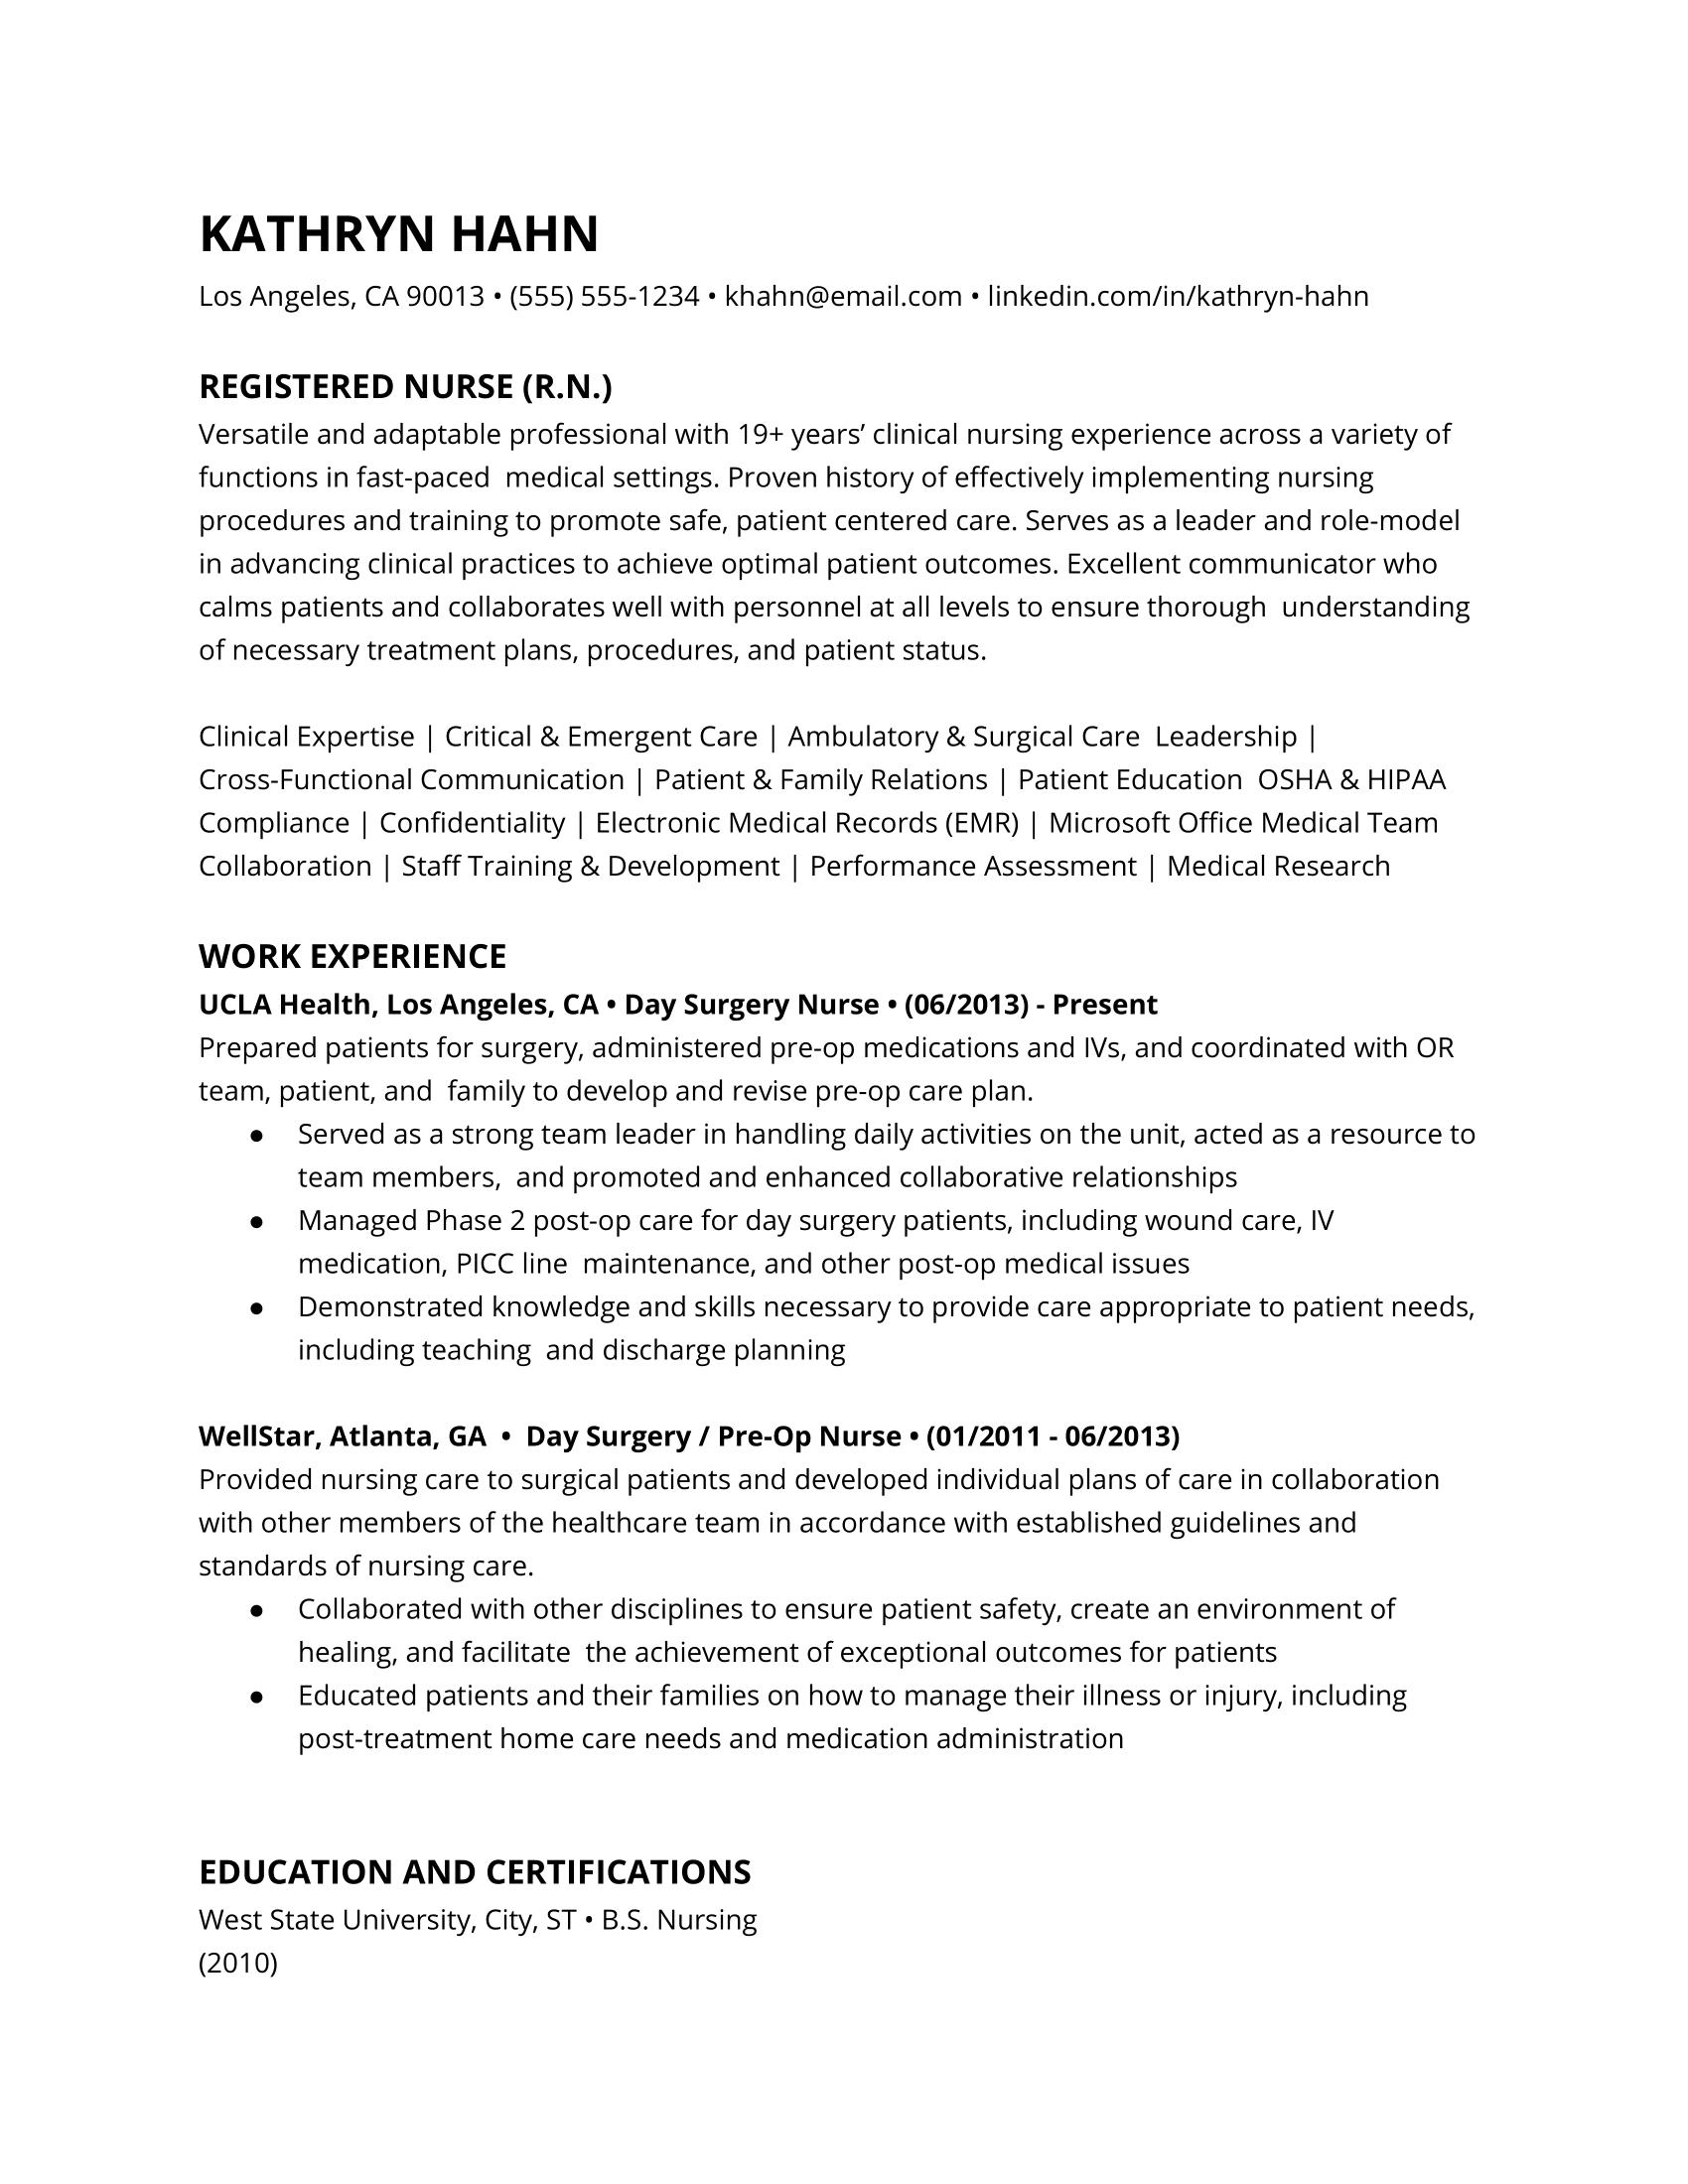 Registered nurse resume example